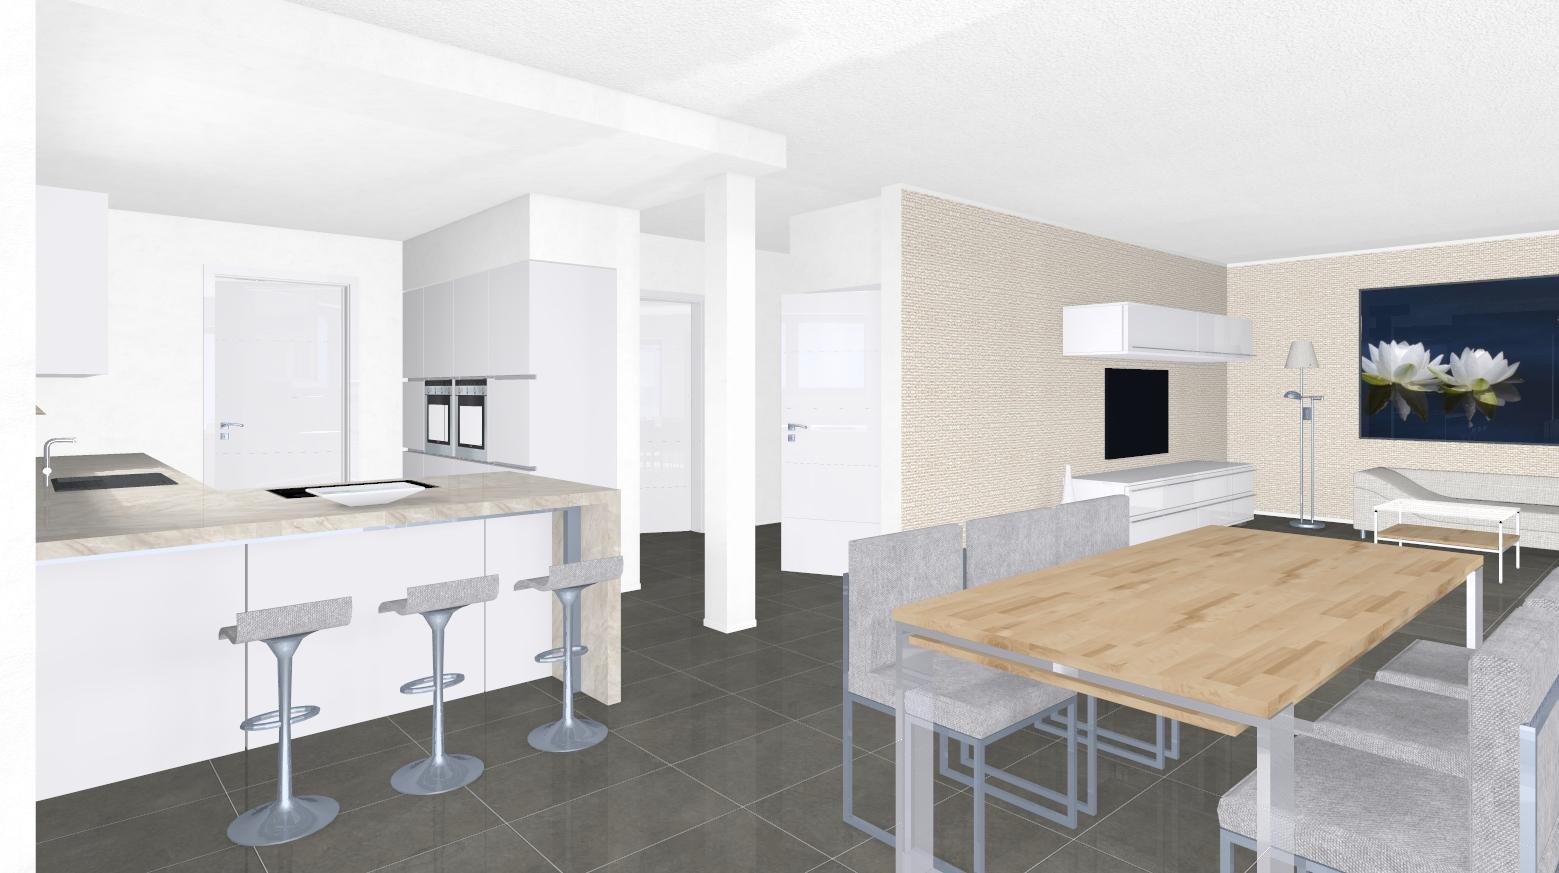 Bauvorhaben ARTOS HAUS in Korschenbroich - Visualisierung 4